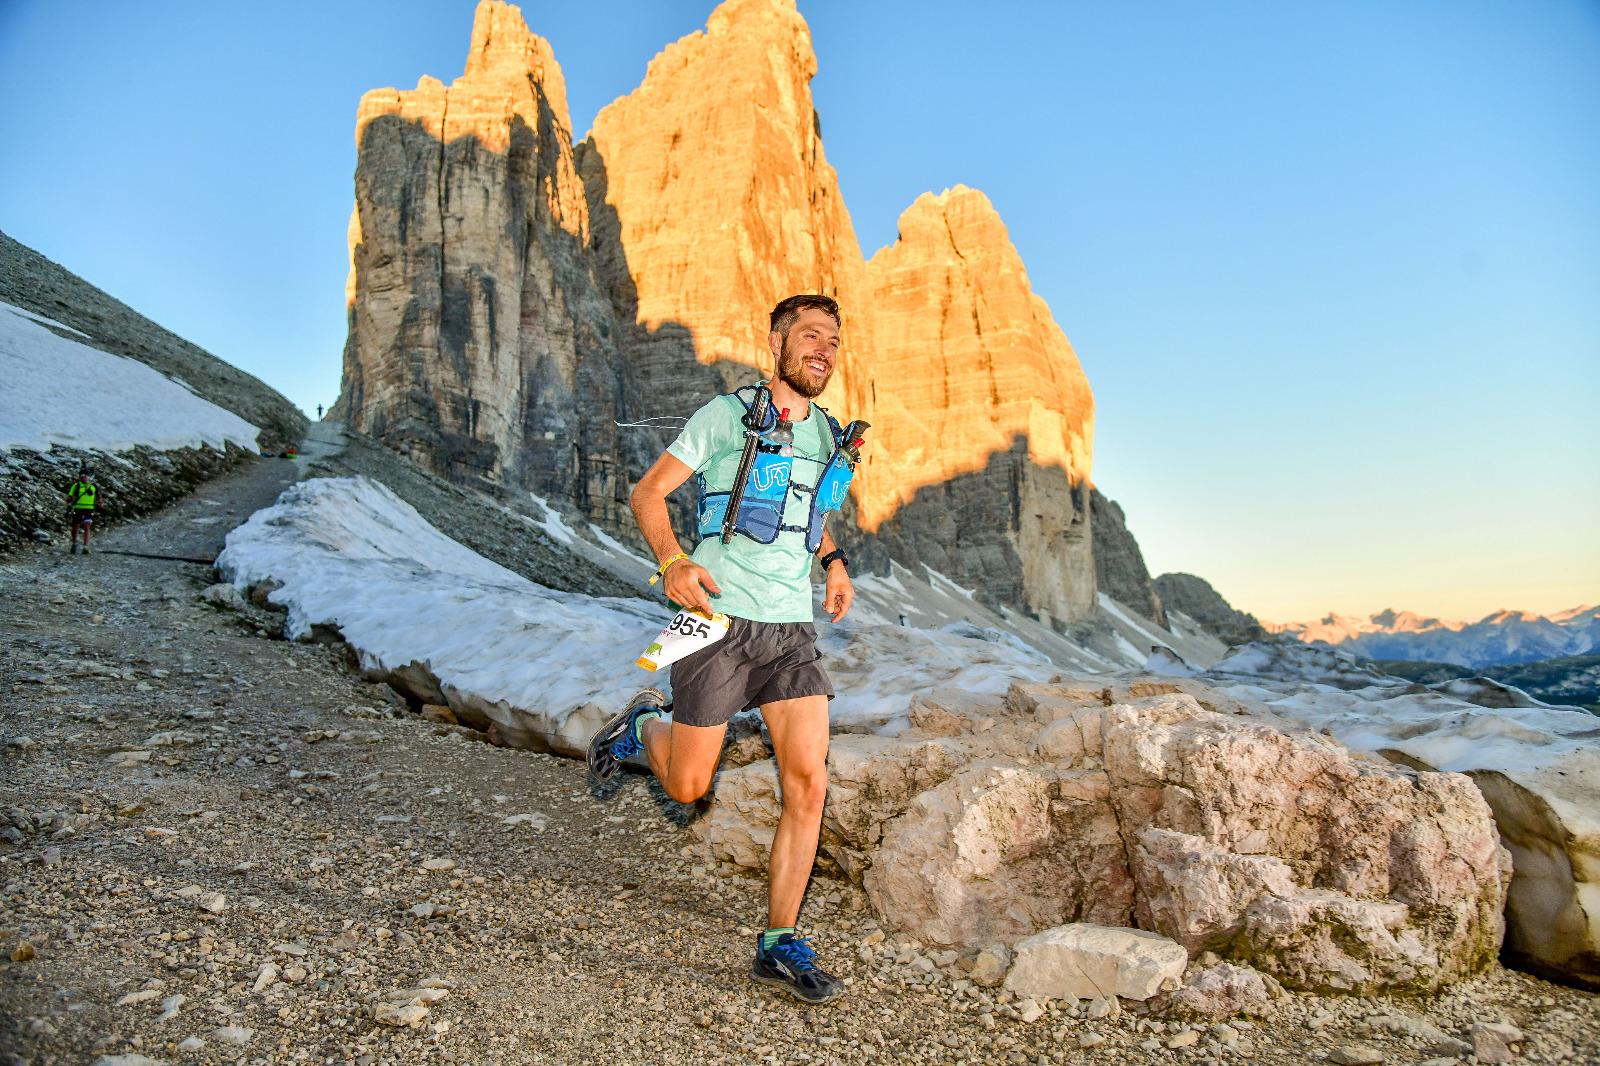 Knapp 100 Kilometer in den Beinen und (trotzdem) glücklich: Philipp Witibschlager.